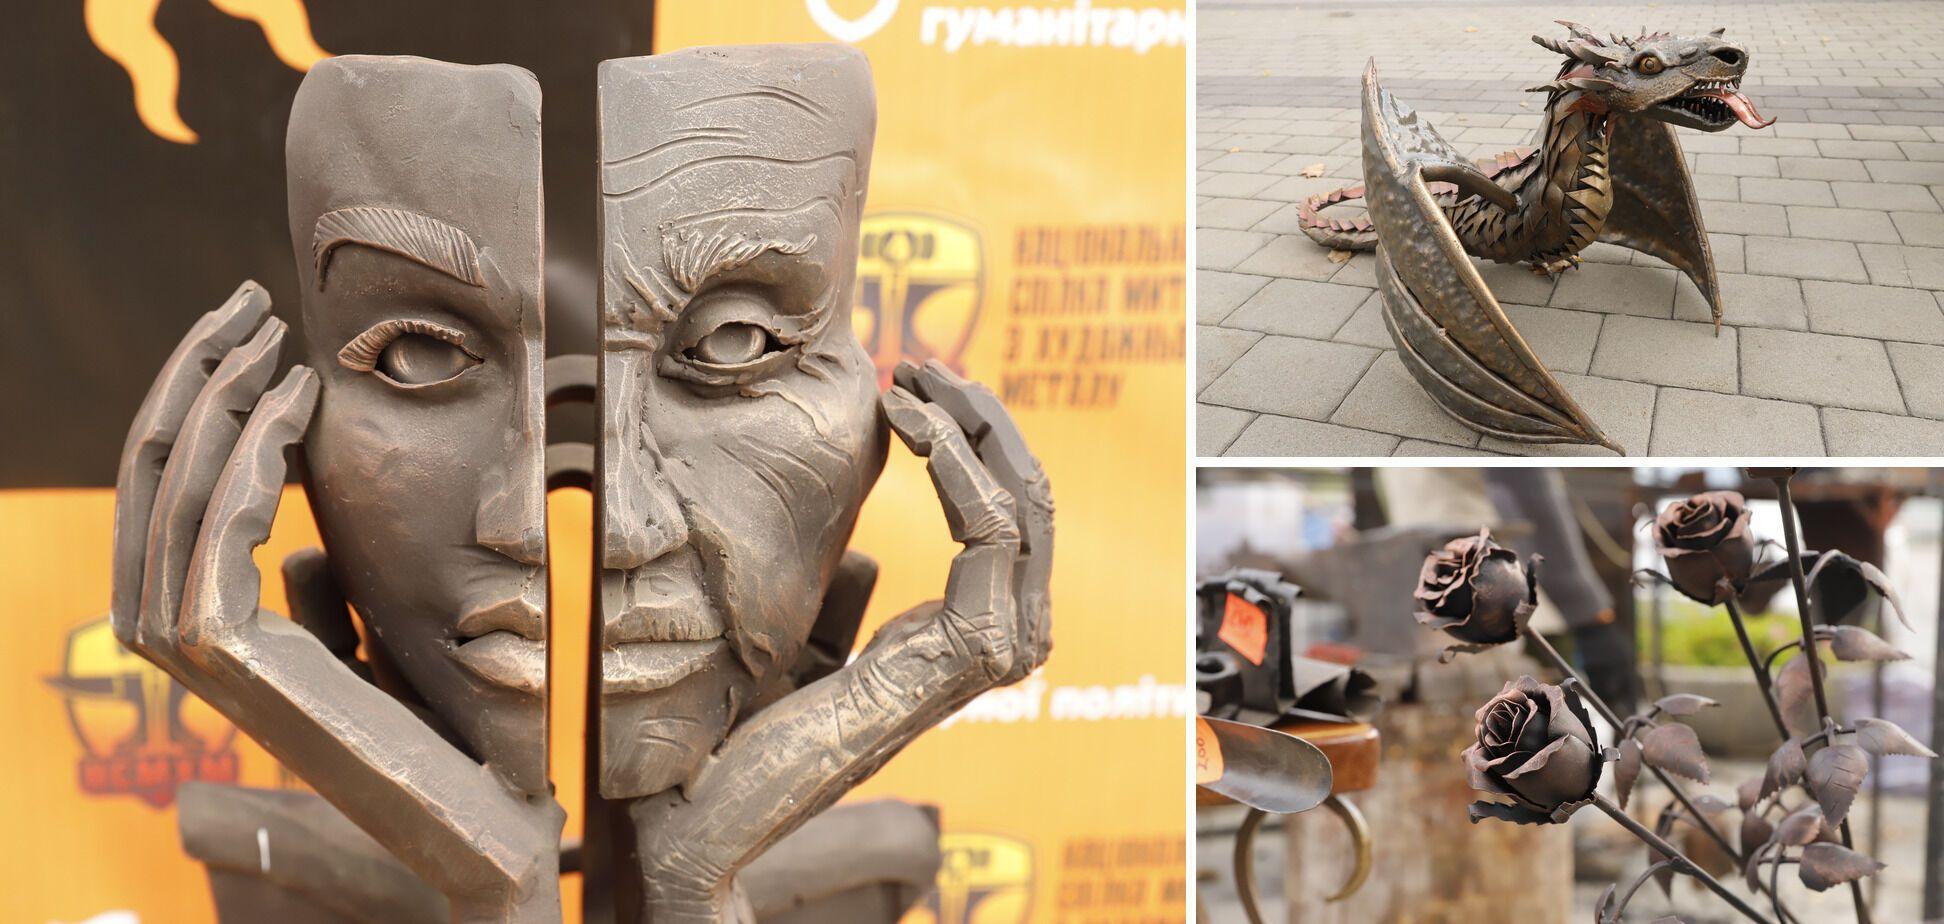 У Дніпрі стартував фестиваль ковальського мистецтва 'Кoval fest'